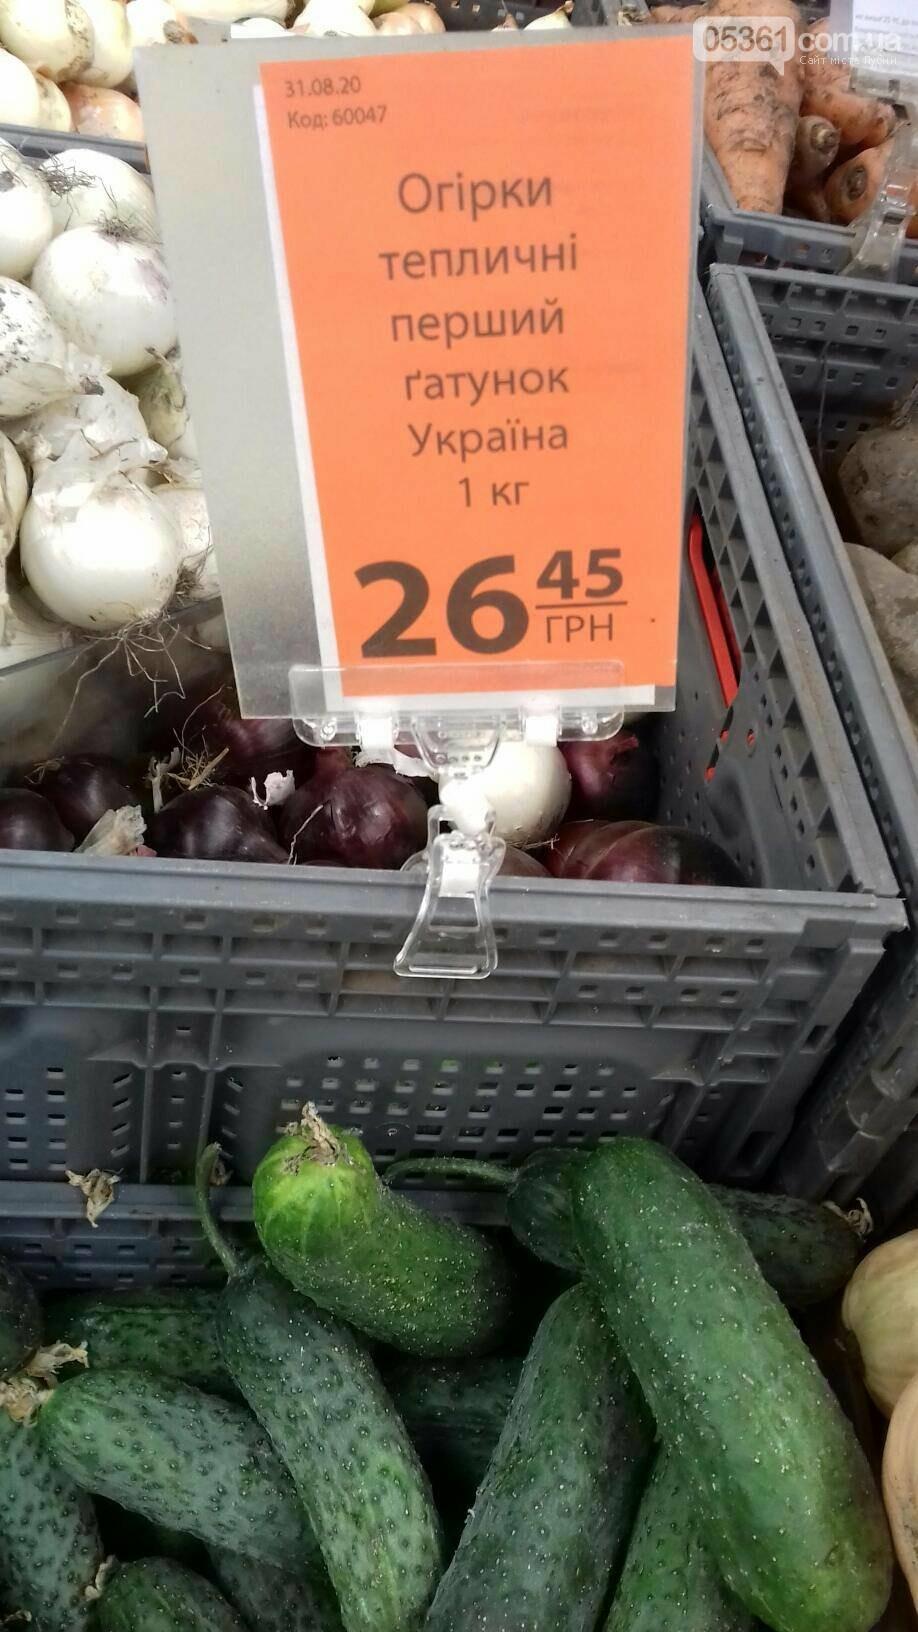 Українські яблука по ціні турецького винограду в лубенських супермаркетах , фото-4